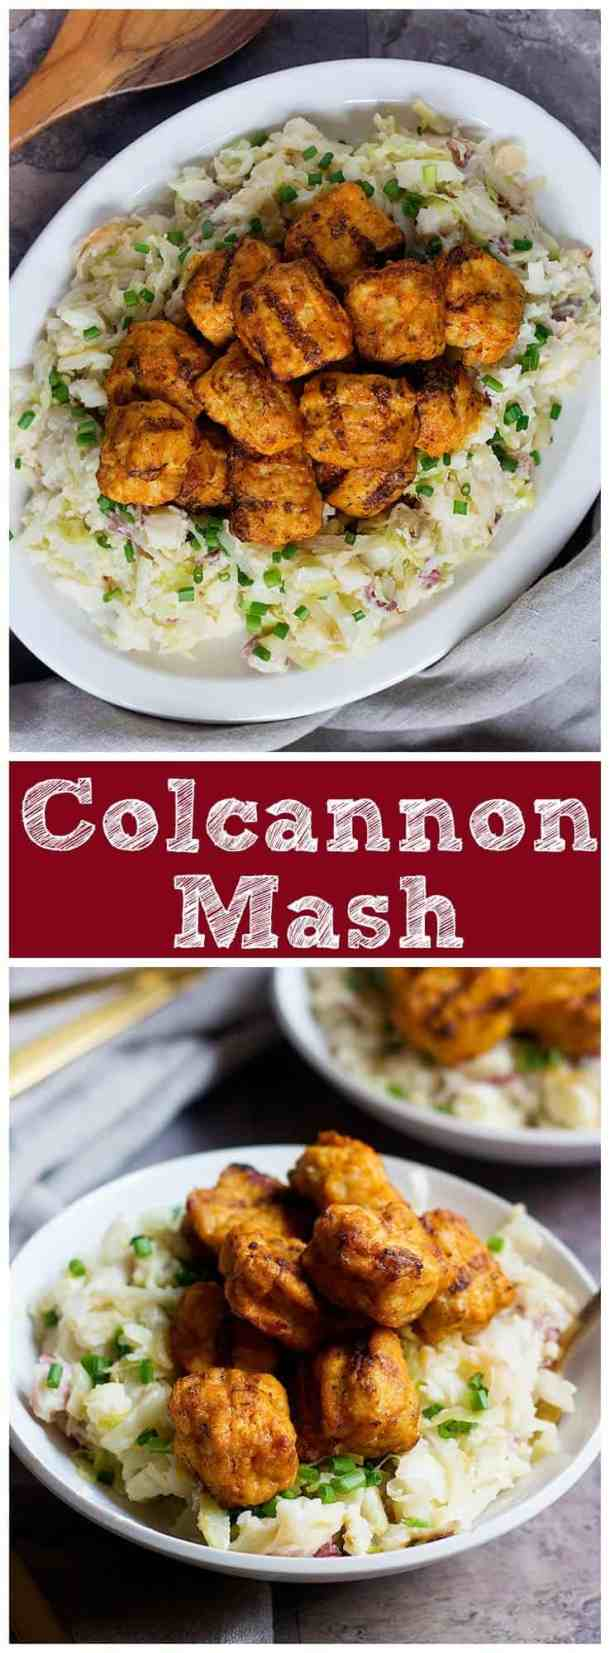 Colcannon Mash   Colcannon   Colcannon Recipe   Colcannon recipe Irish   Colcannon Potatoes   St. Patrick's Day Recipes   Vegetarian Recipes   Vegetables    Mashed Potatoes    Mashed Potatoes Recipes   UnicornsintheKitchen.com